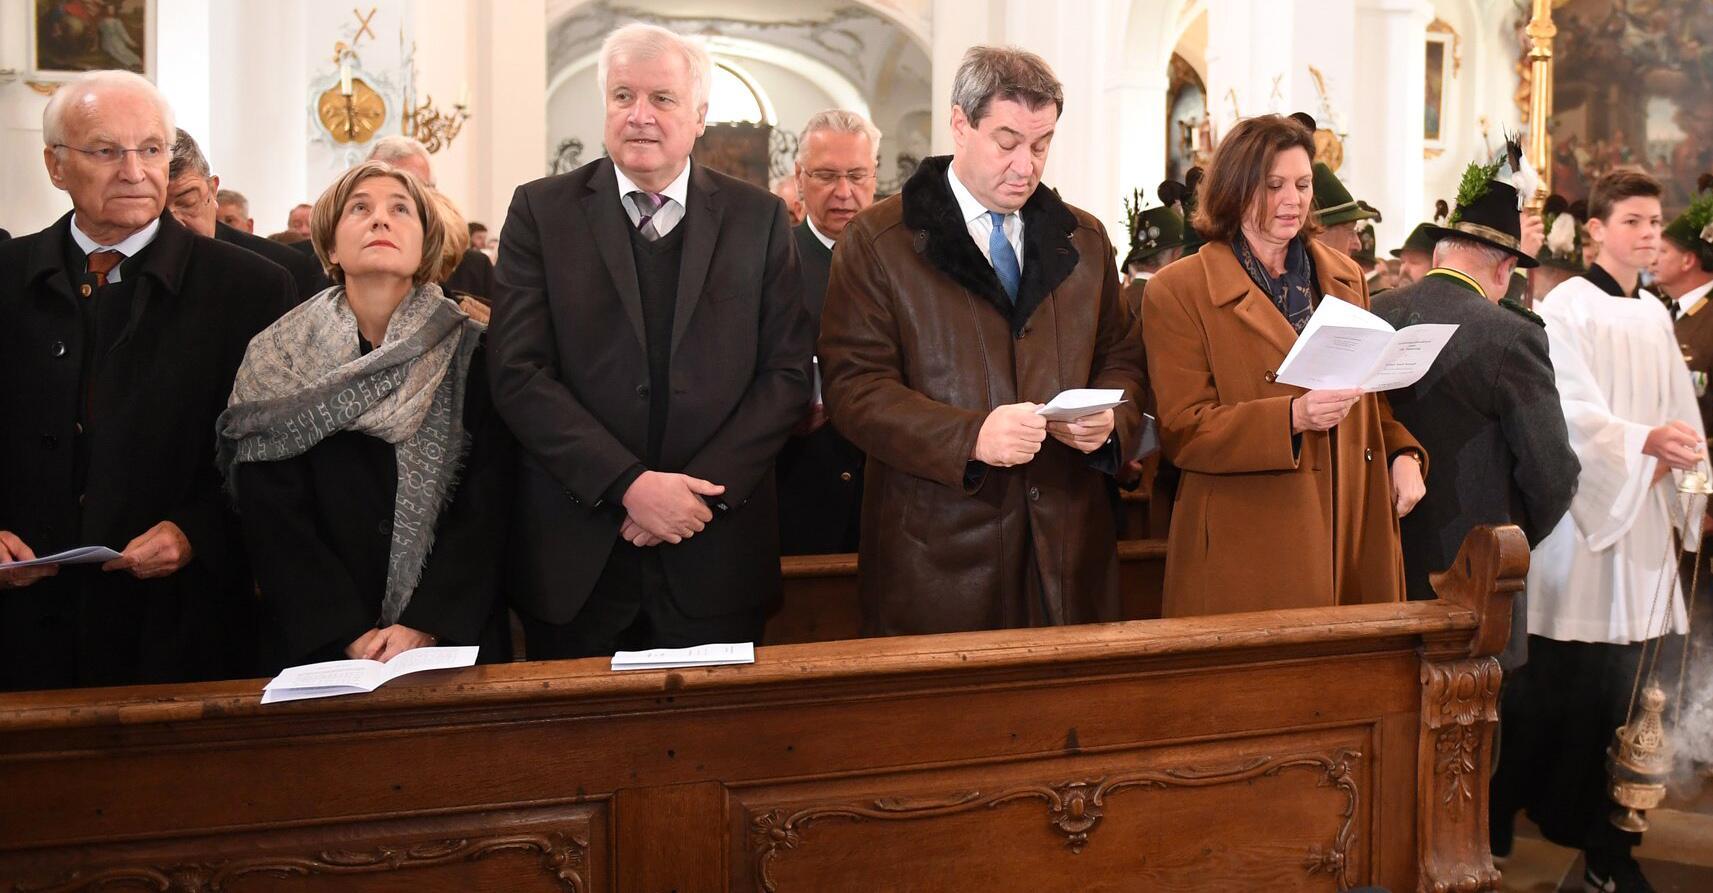 Bild zu Gedenkfeier, 30. Todestag, Franz Josef Strauß, Edmund Stoiber, Horst Seehofer, Markus Söder, CSU